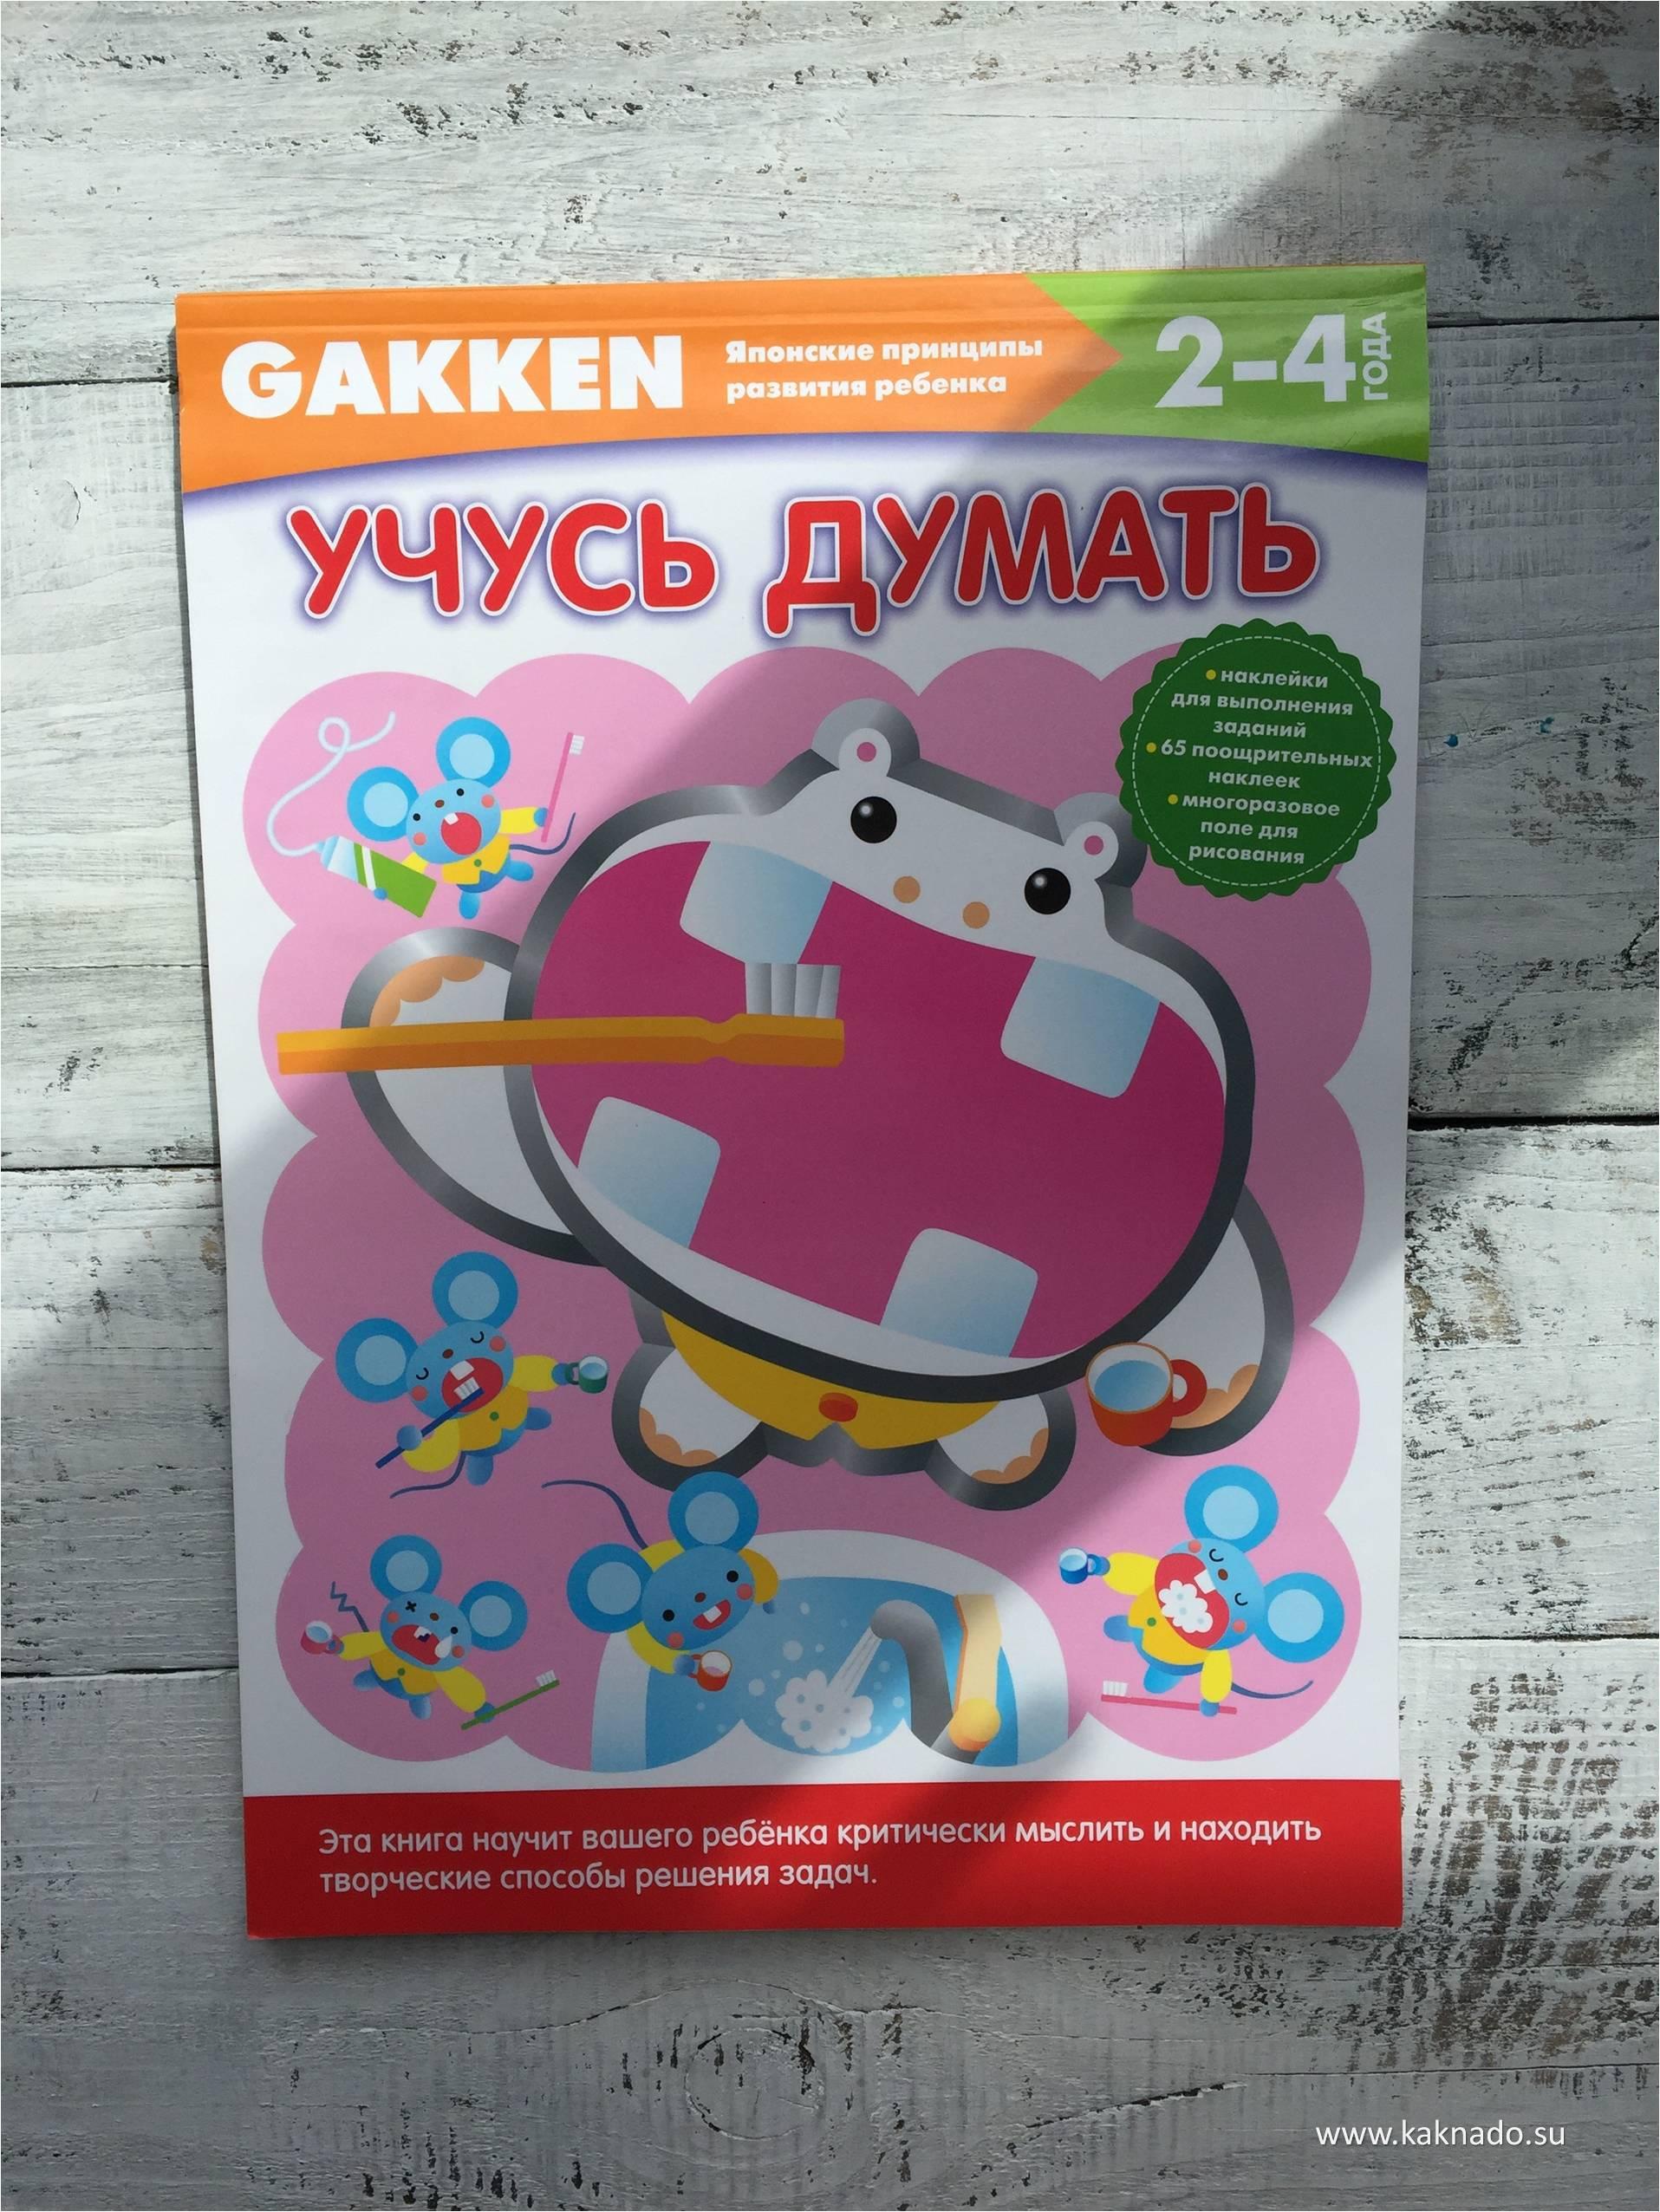 GAKKEN_8